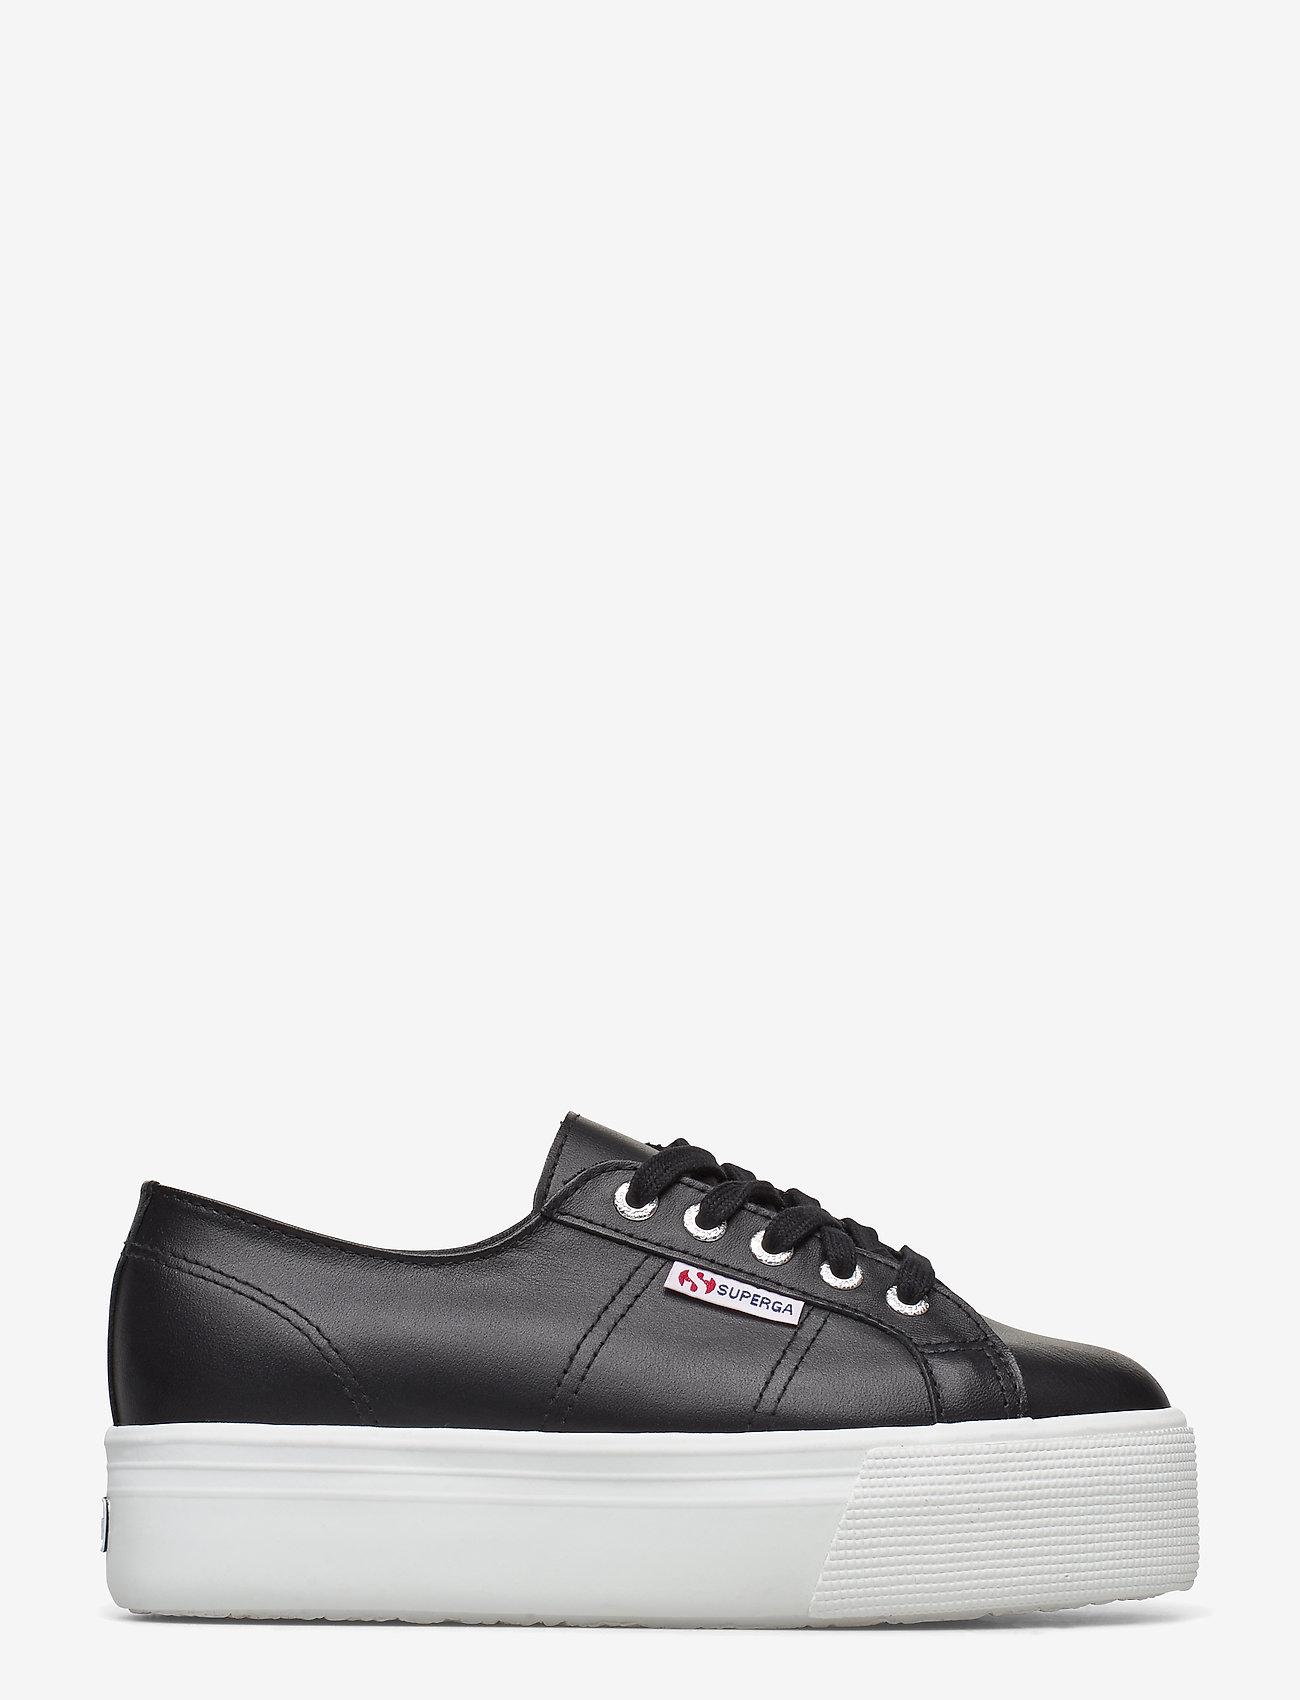 Superga - Superga 2790 NAPLNGCOTW - låga sneakers - black-white - 1